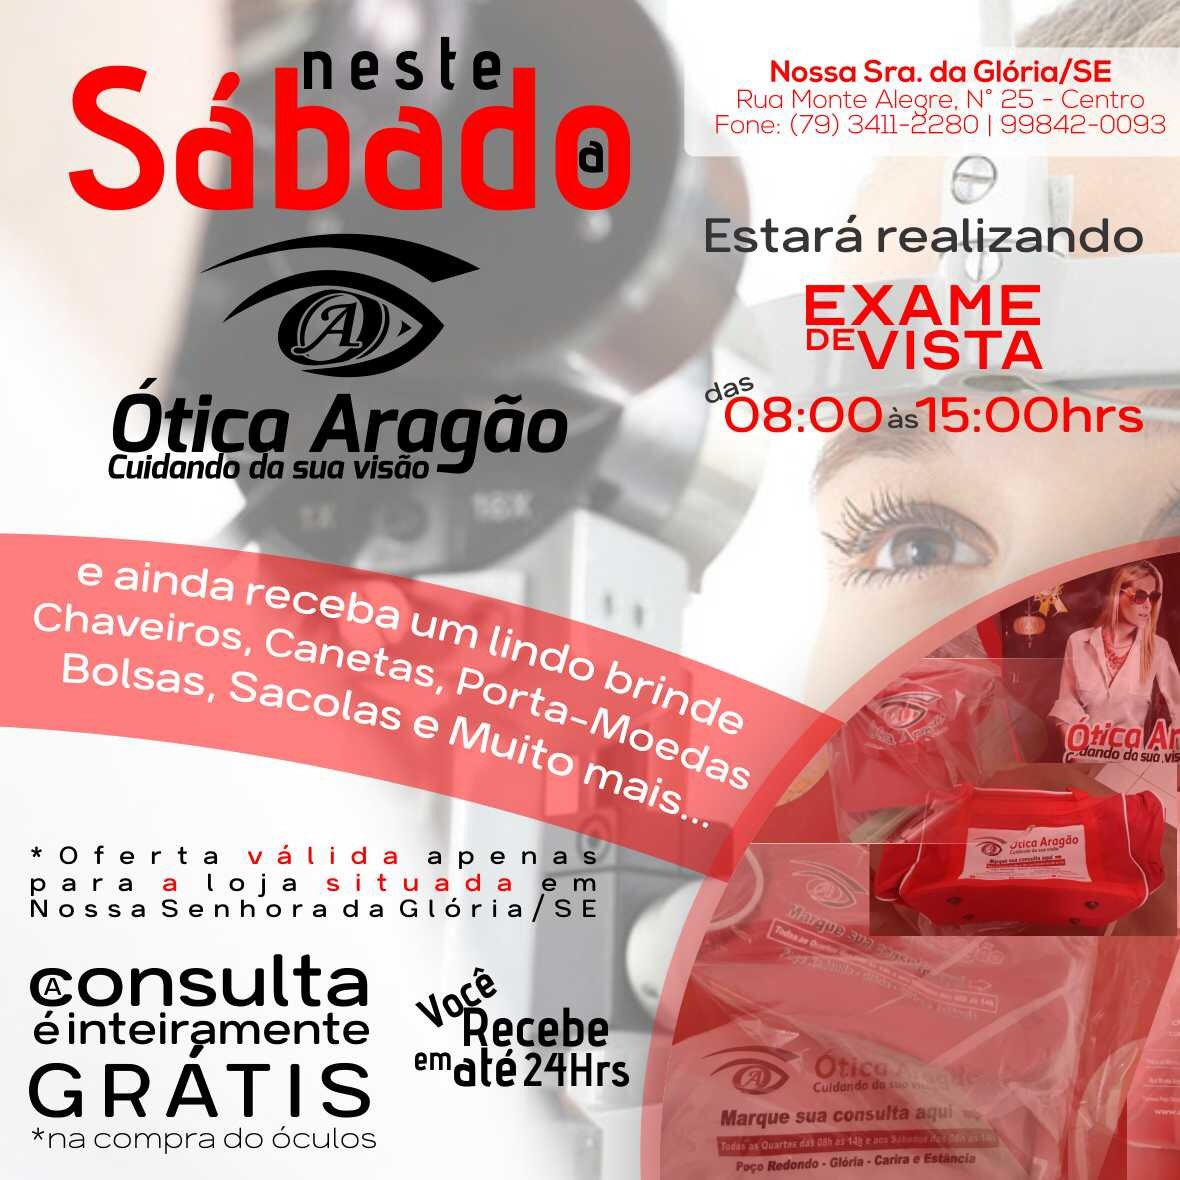 Neste Sábado a  oticaaragao, Estará realizando exame de vista.  oticaaragao   cuidandodasuavisao ef36cab378